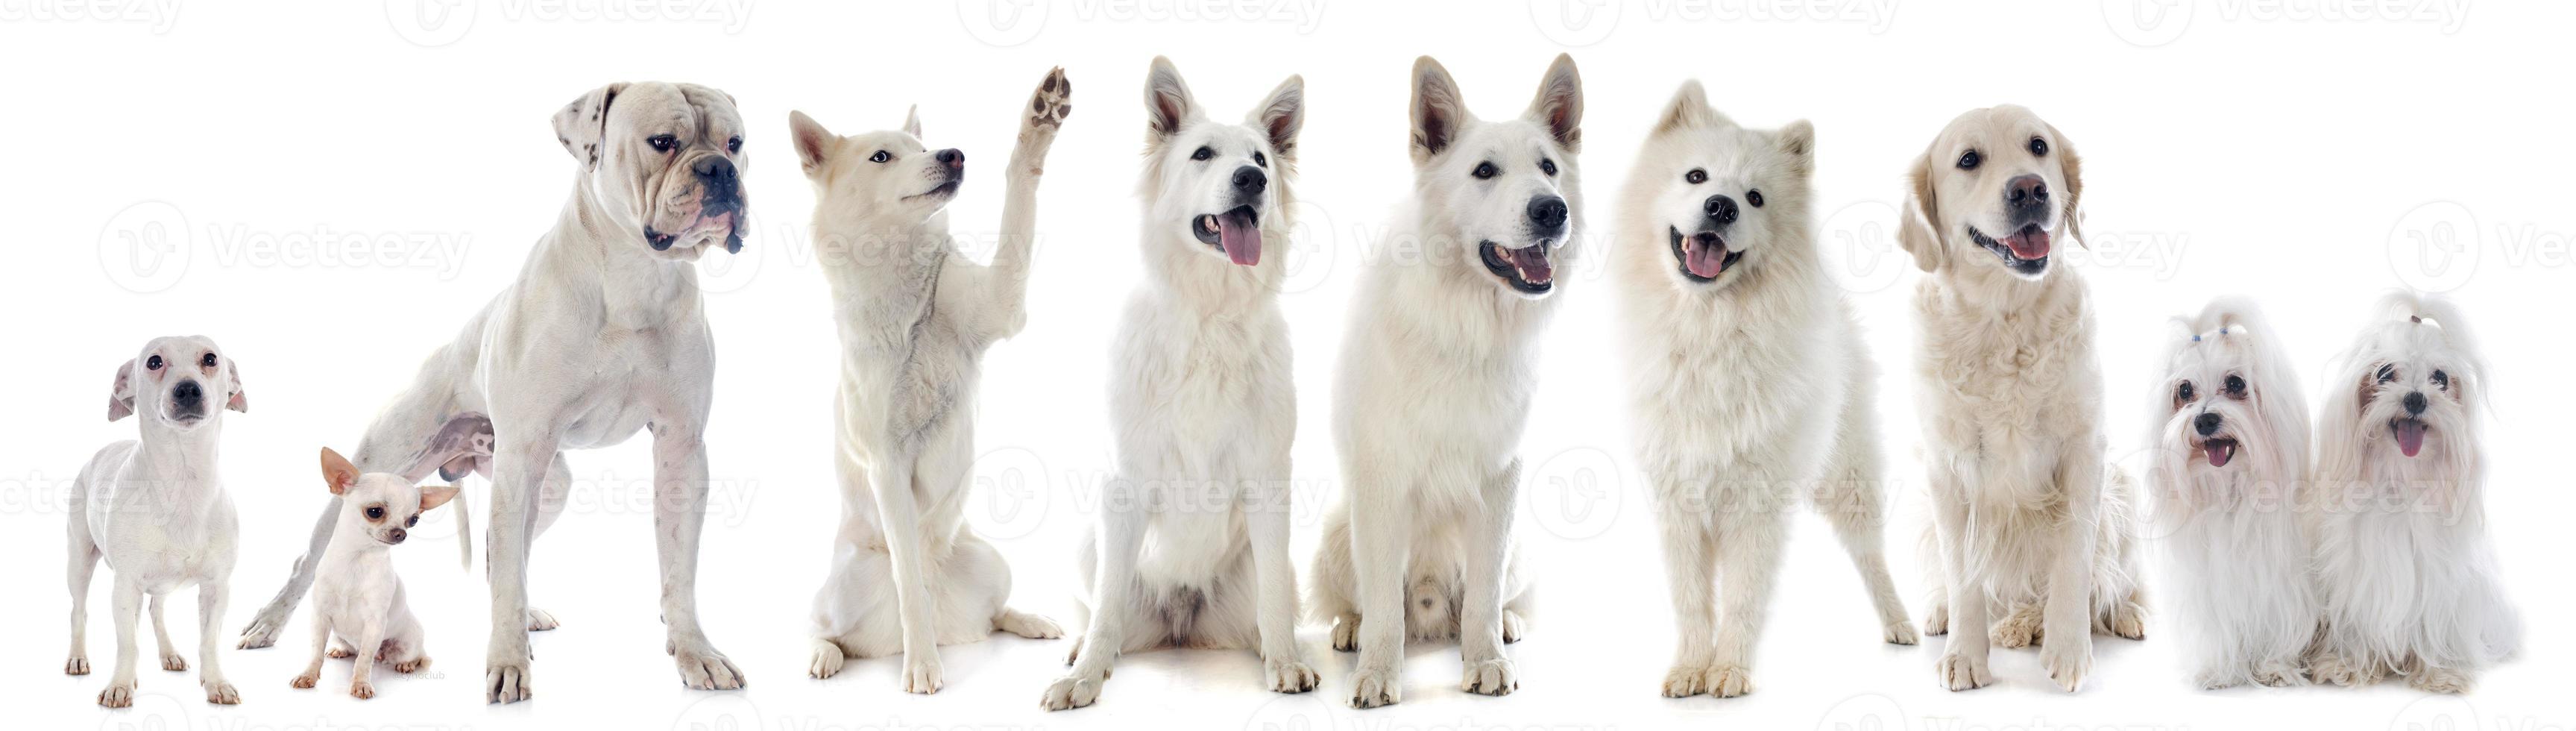 perros blancos foto